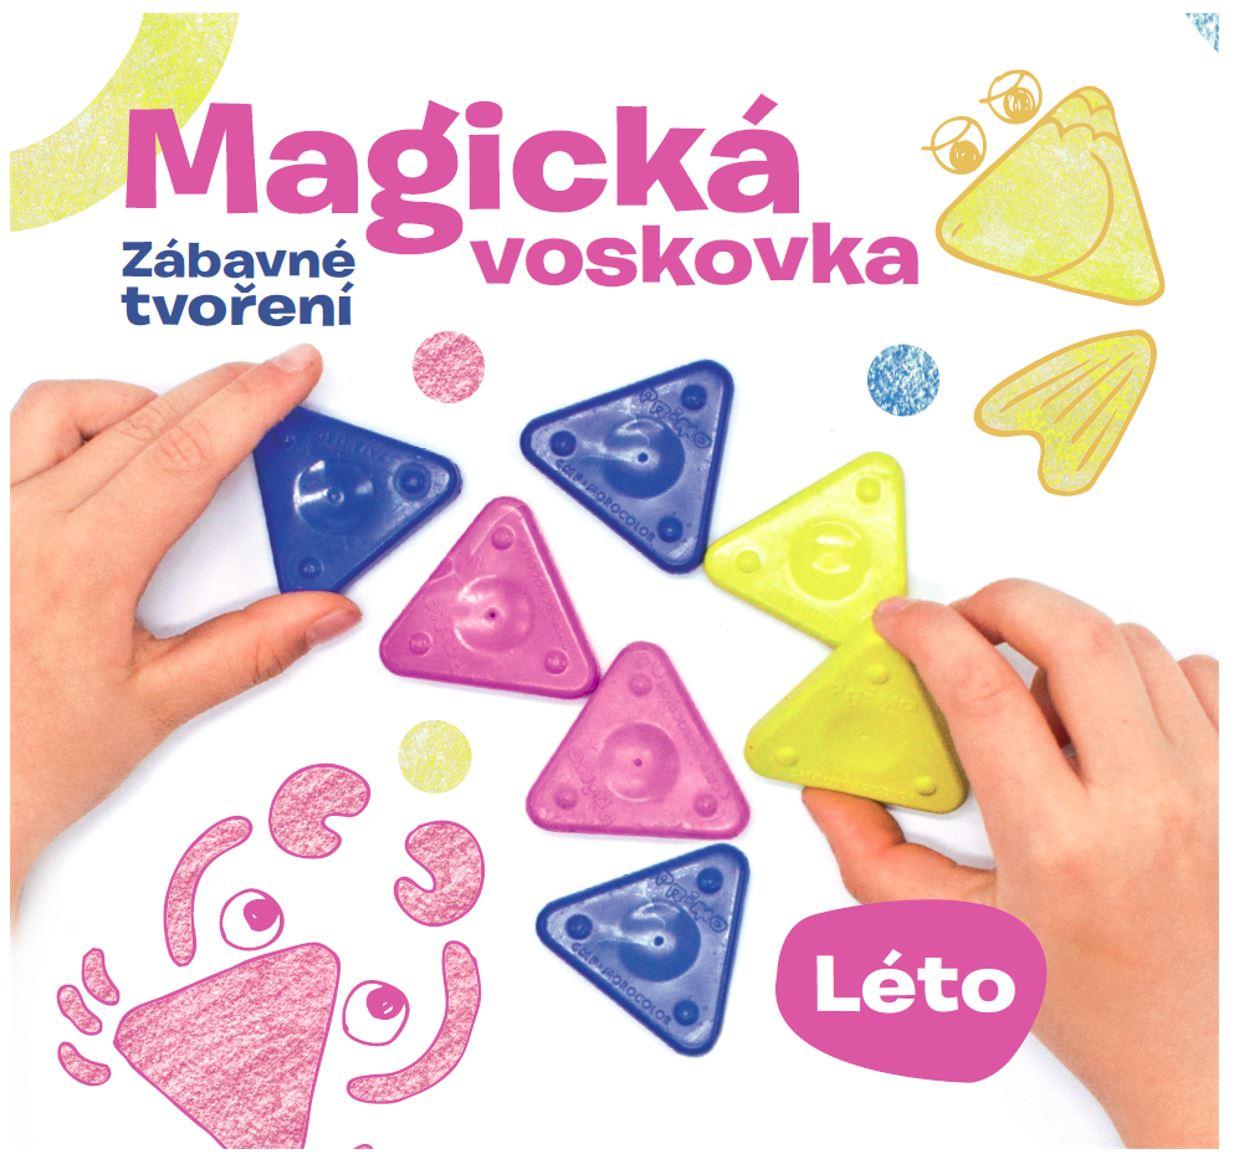 Kniha – Magická voskovka; Zábavné tvoření, díl 2. LÉTO